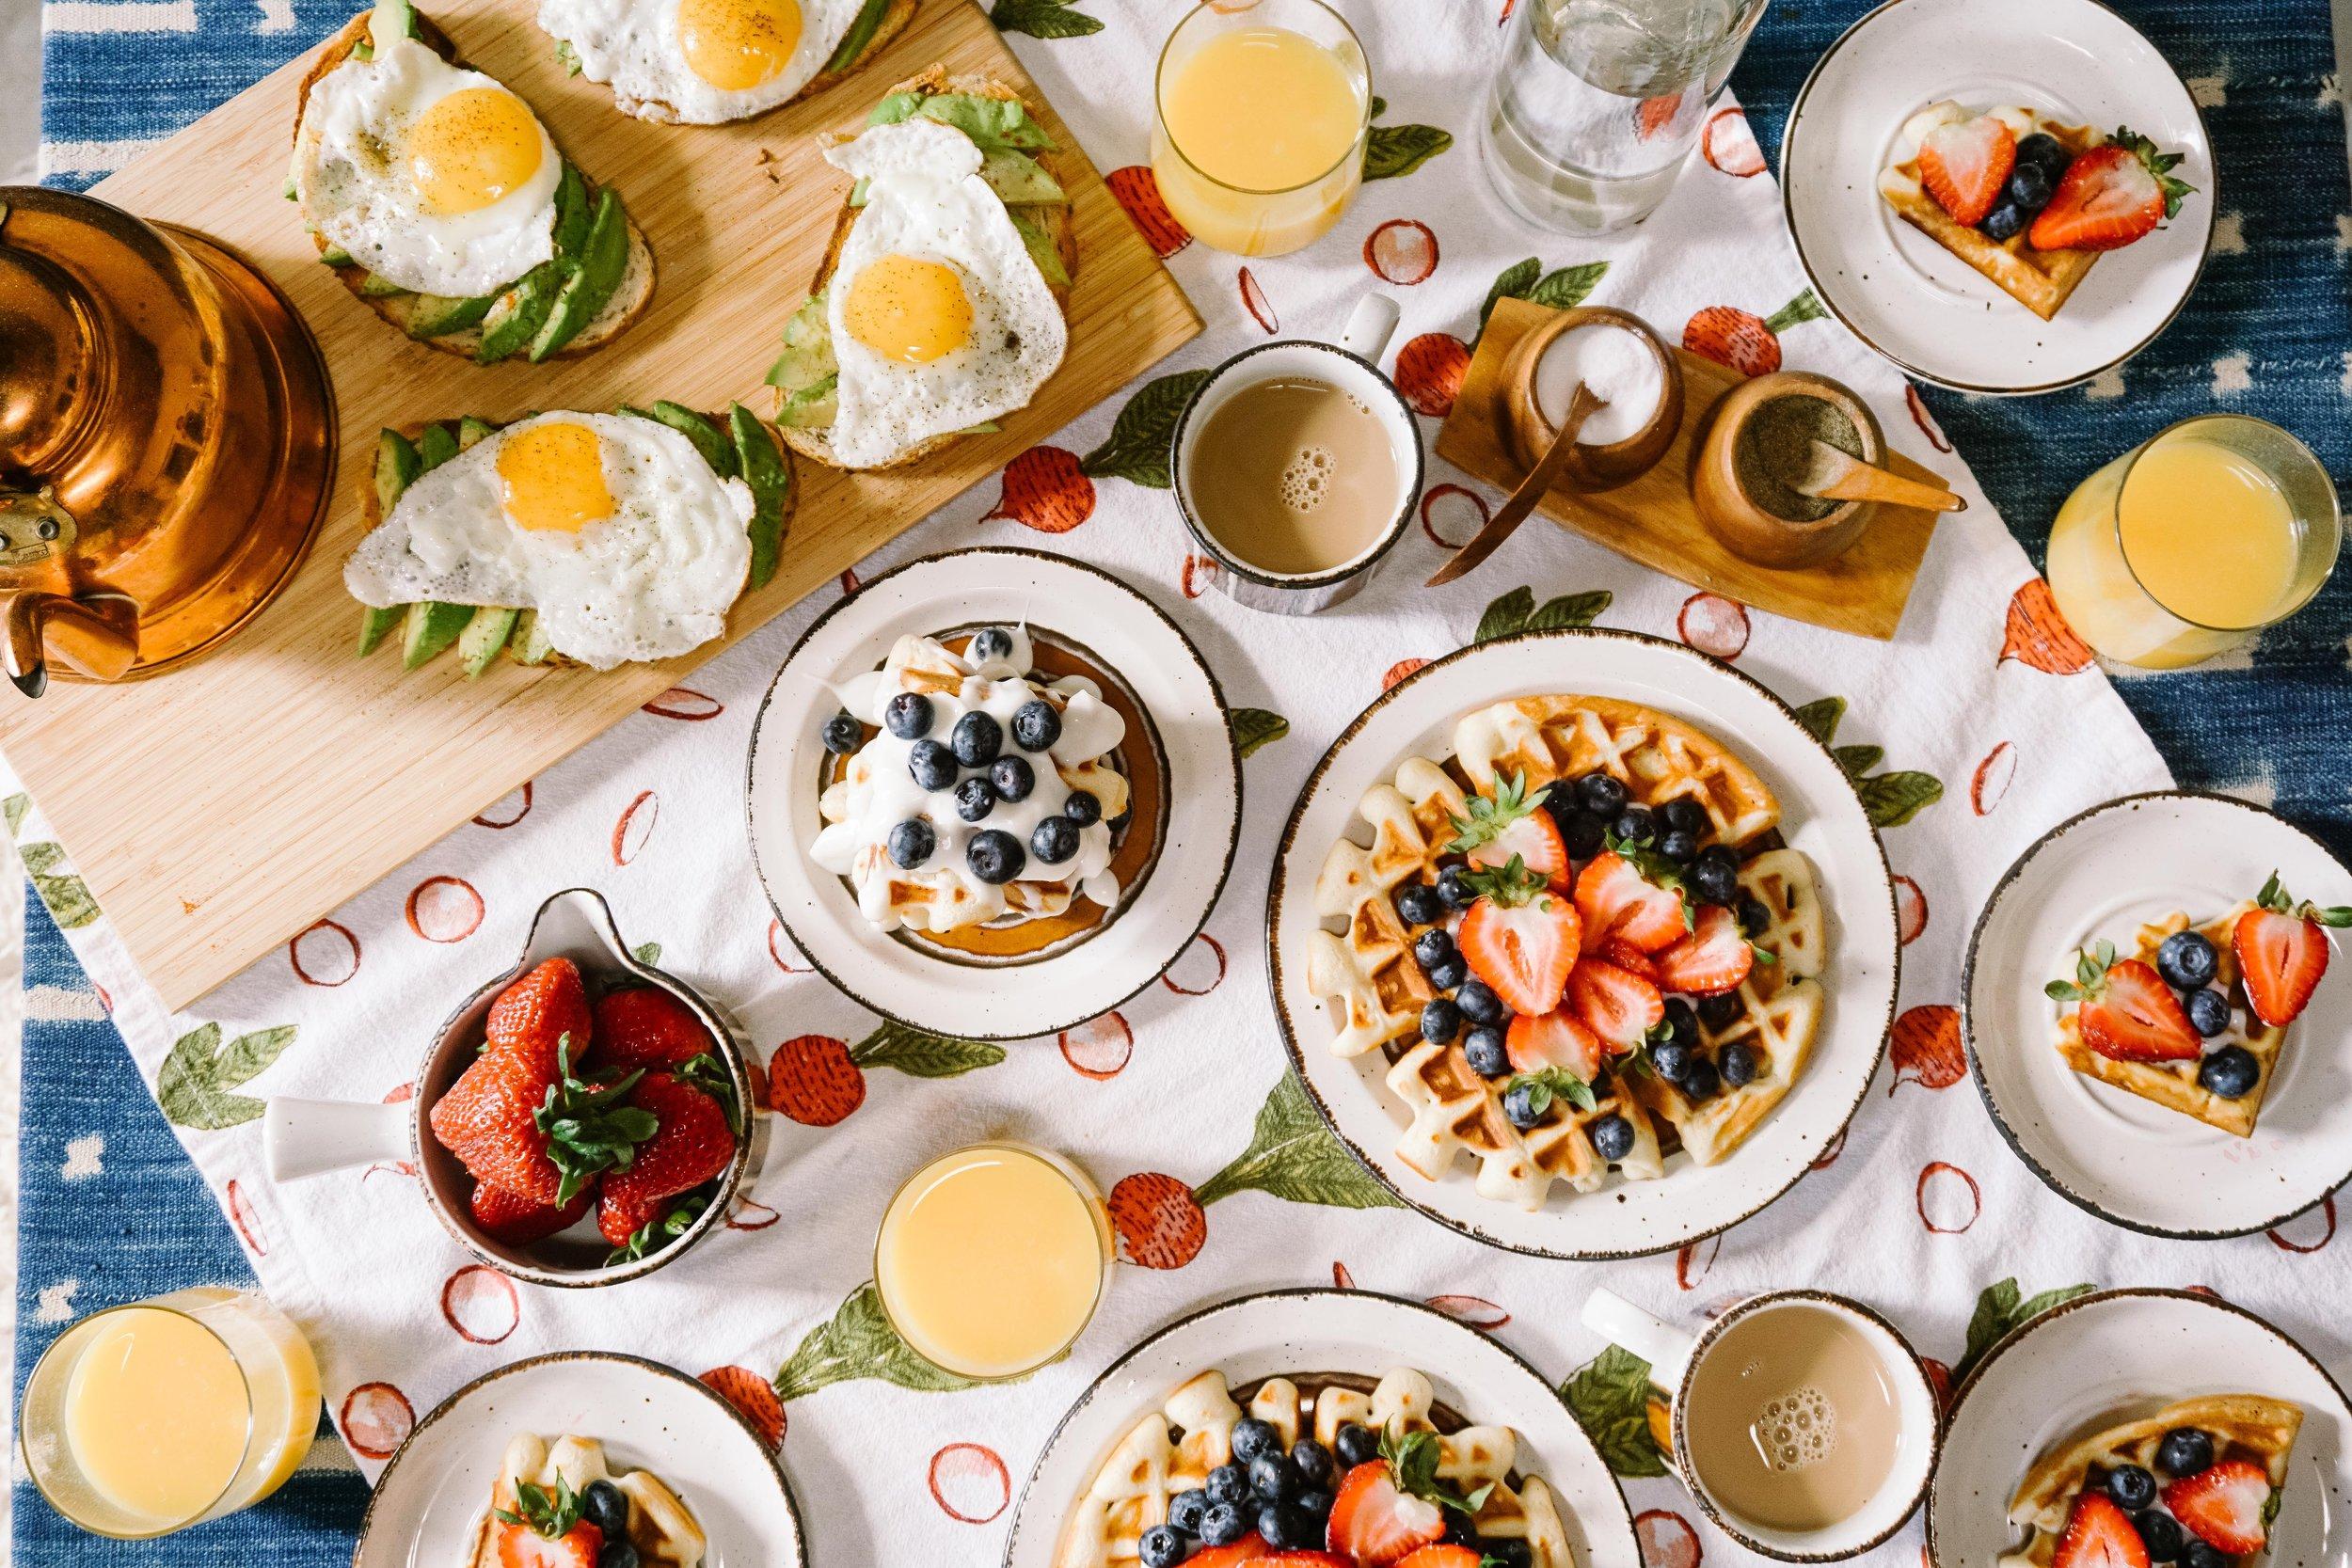 breakfast food, waffles, eggs, fruit